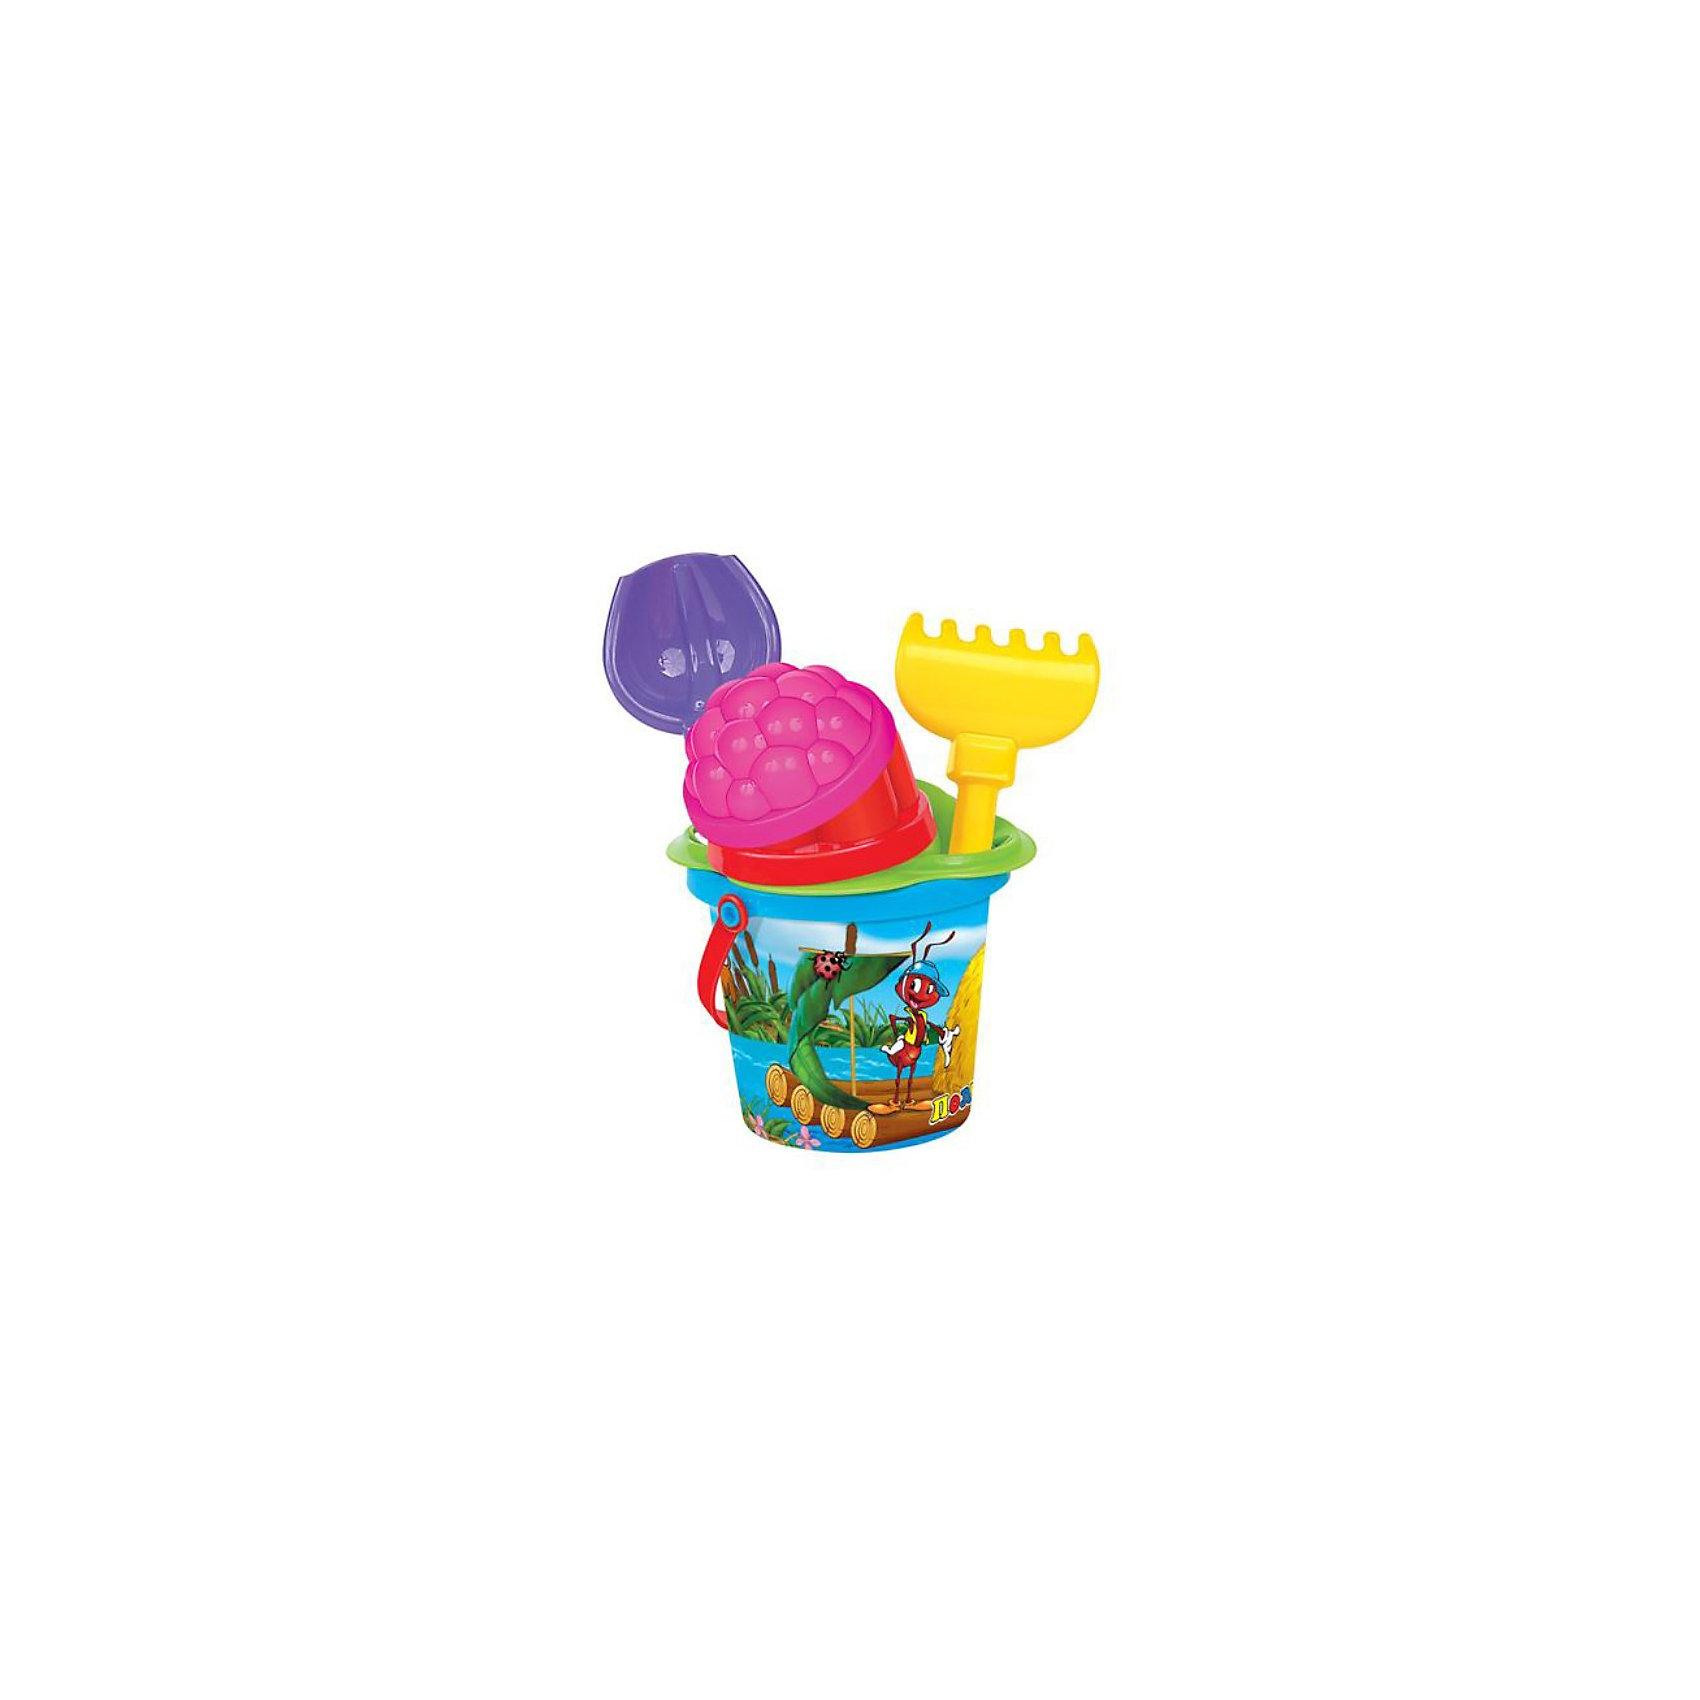 Песочный набор № 229 (6 пердметов), ПолесьеИграем в песочнице<br>Песочный набор № 229 (6 предметов), Полесье  создан специально для игр в песочнице.<br><br>Игра с песком отлично развивает мелкую моторику рук, тактильные ощущения малыша, делает еще богаче его воображение и творческие способности.<br><br>Порадуйте Вашего ребенка прекрасным подарком!<br><br>Дополнительная информация: <br><br>- В комплекте: ведро малое с наклейкой, ситечко-цветок, совок, грабли, 2 формочки<br>- Материал: пластмасса<br>- Упаковка: сетка<br>- Размер упаковки: 13 х 13 х 17 см<br>- Вес: 120 г.<br><br>Песочный набор № 229 (6 предметов), Полесье<br>Можно купить в нашем интернет-магазине.<br><br>Ширина мм: 130<br>Глубина мм: 130<br>Высота мм: 170<br>Вес г: 120<br>Возраст от месяцев: 12<br>Возраст до месяцев: 60<br>Пол: Унисекс<br>Возраст: Детский<br>SKU: 3566335